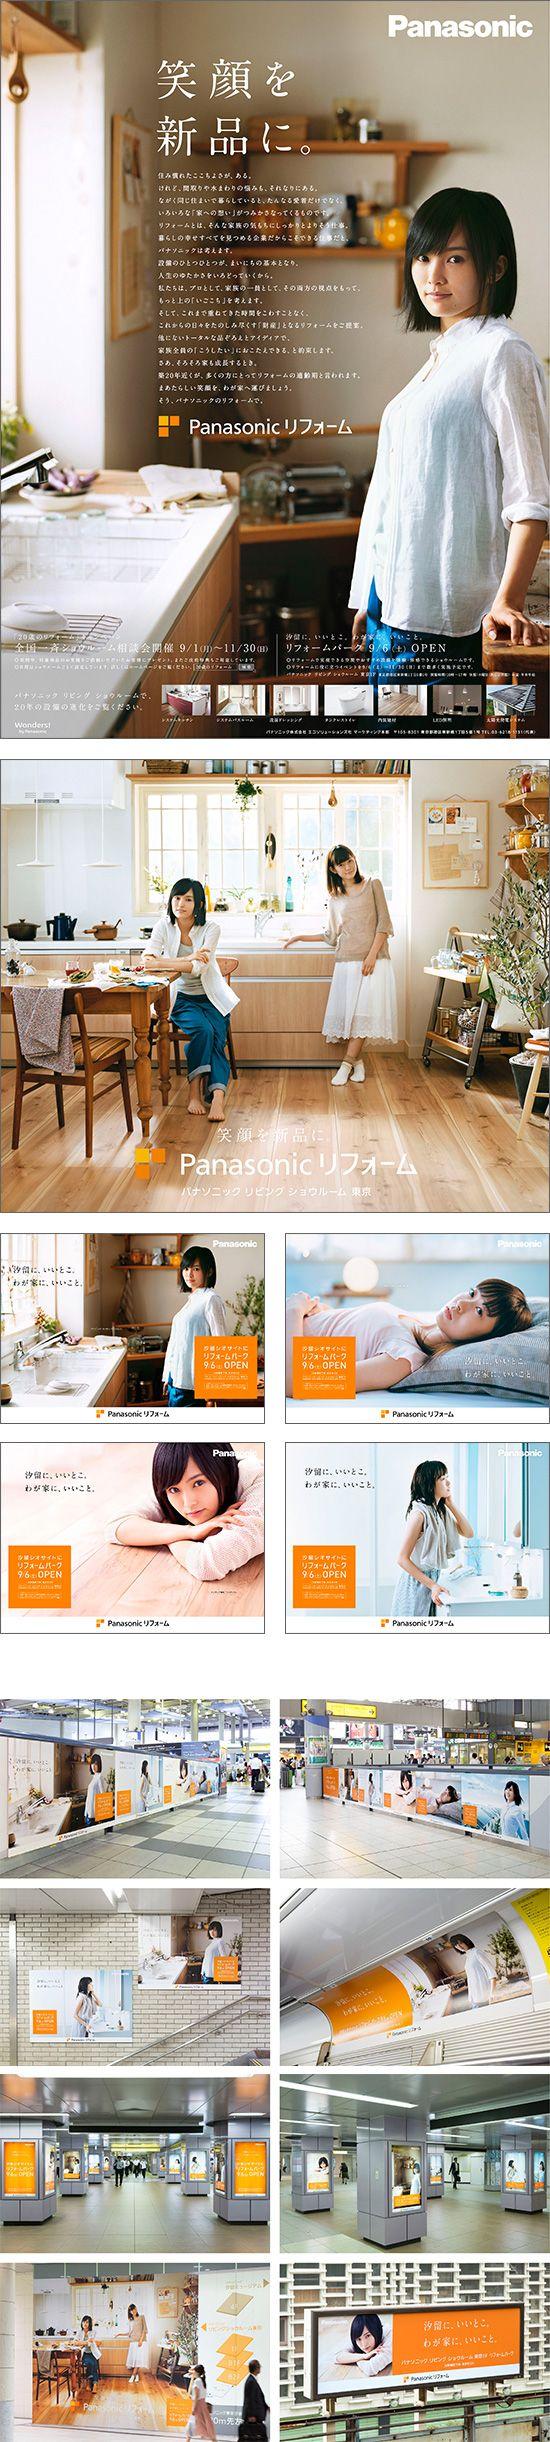 Panasonicリフォームキャンペーン_2nd